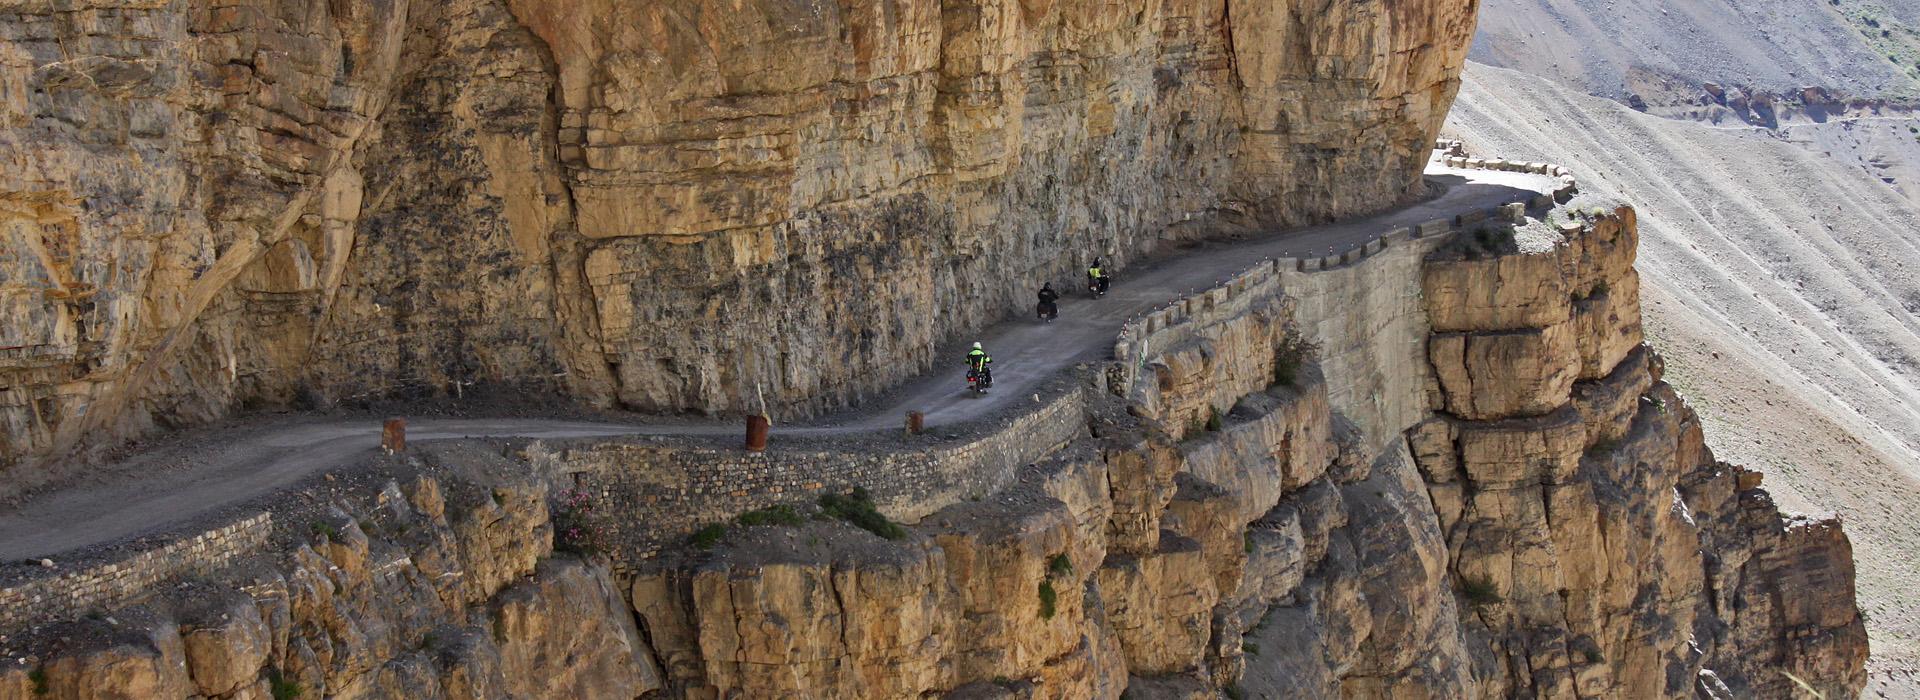 Motorreis Himalaya, motorrijden in de Himalaya ook bij Travel 2 Explore Motorreizen.